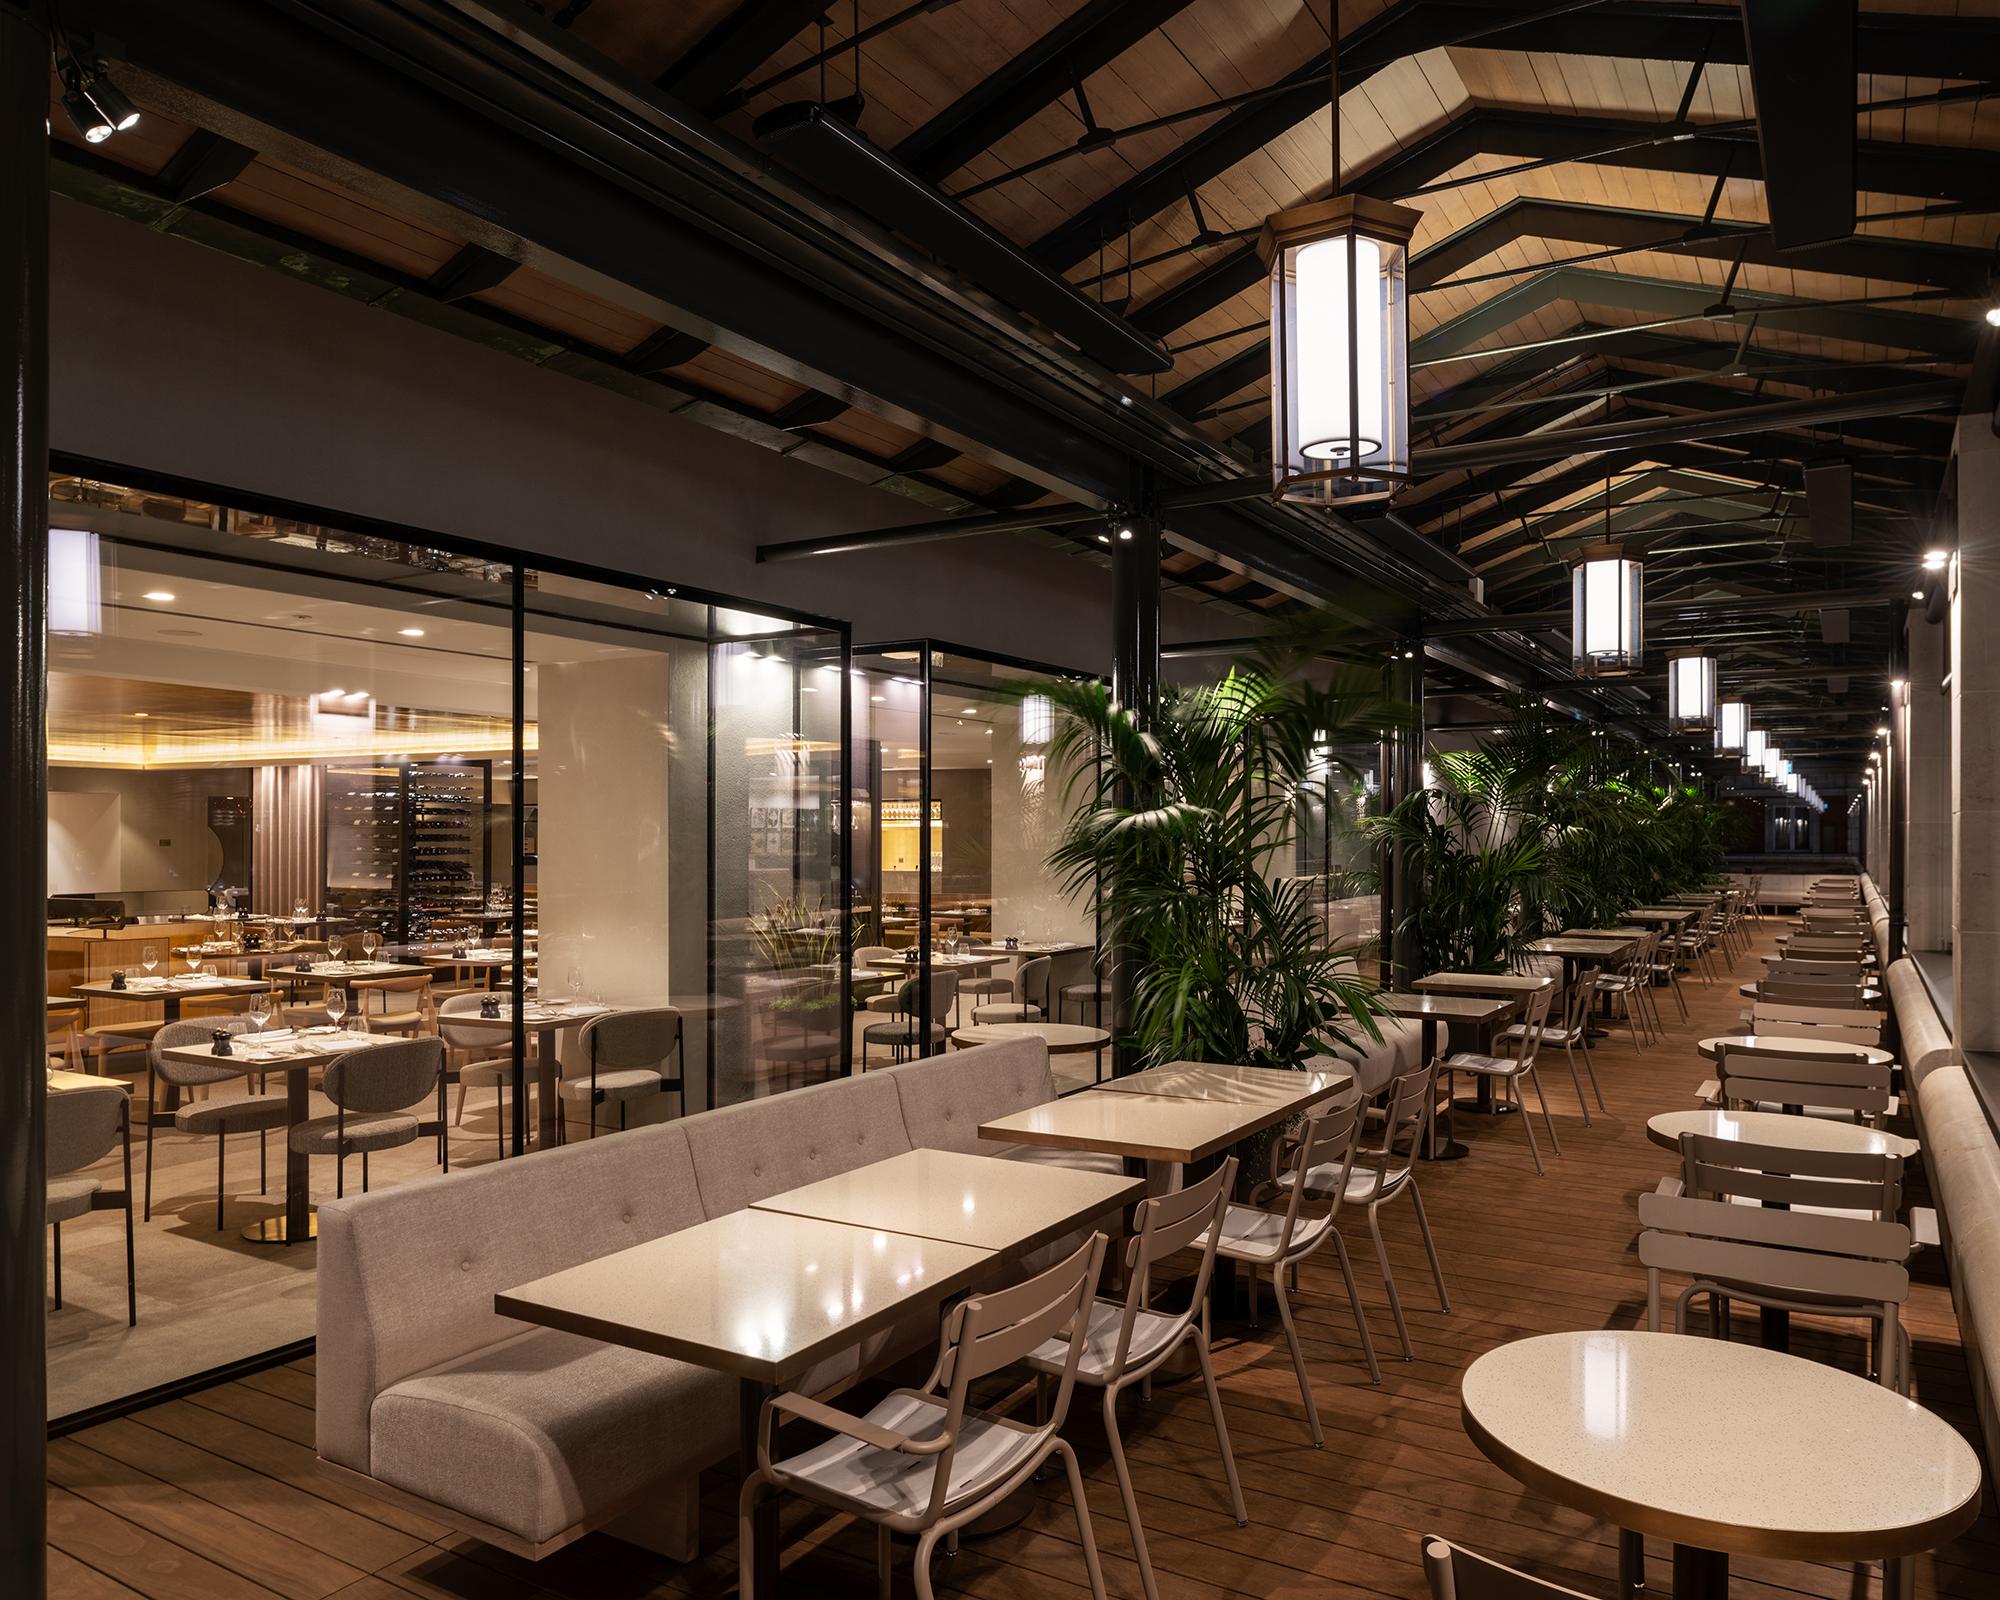 <p>Het restaurant is  vergroot door glazen erkervormige volumen het terras in te laten steken. Beeld James Newton</p>